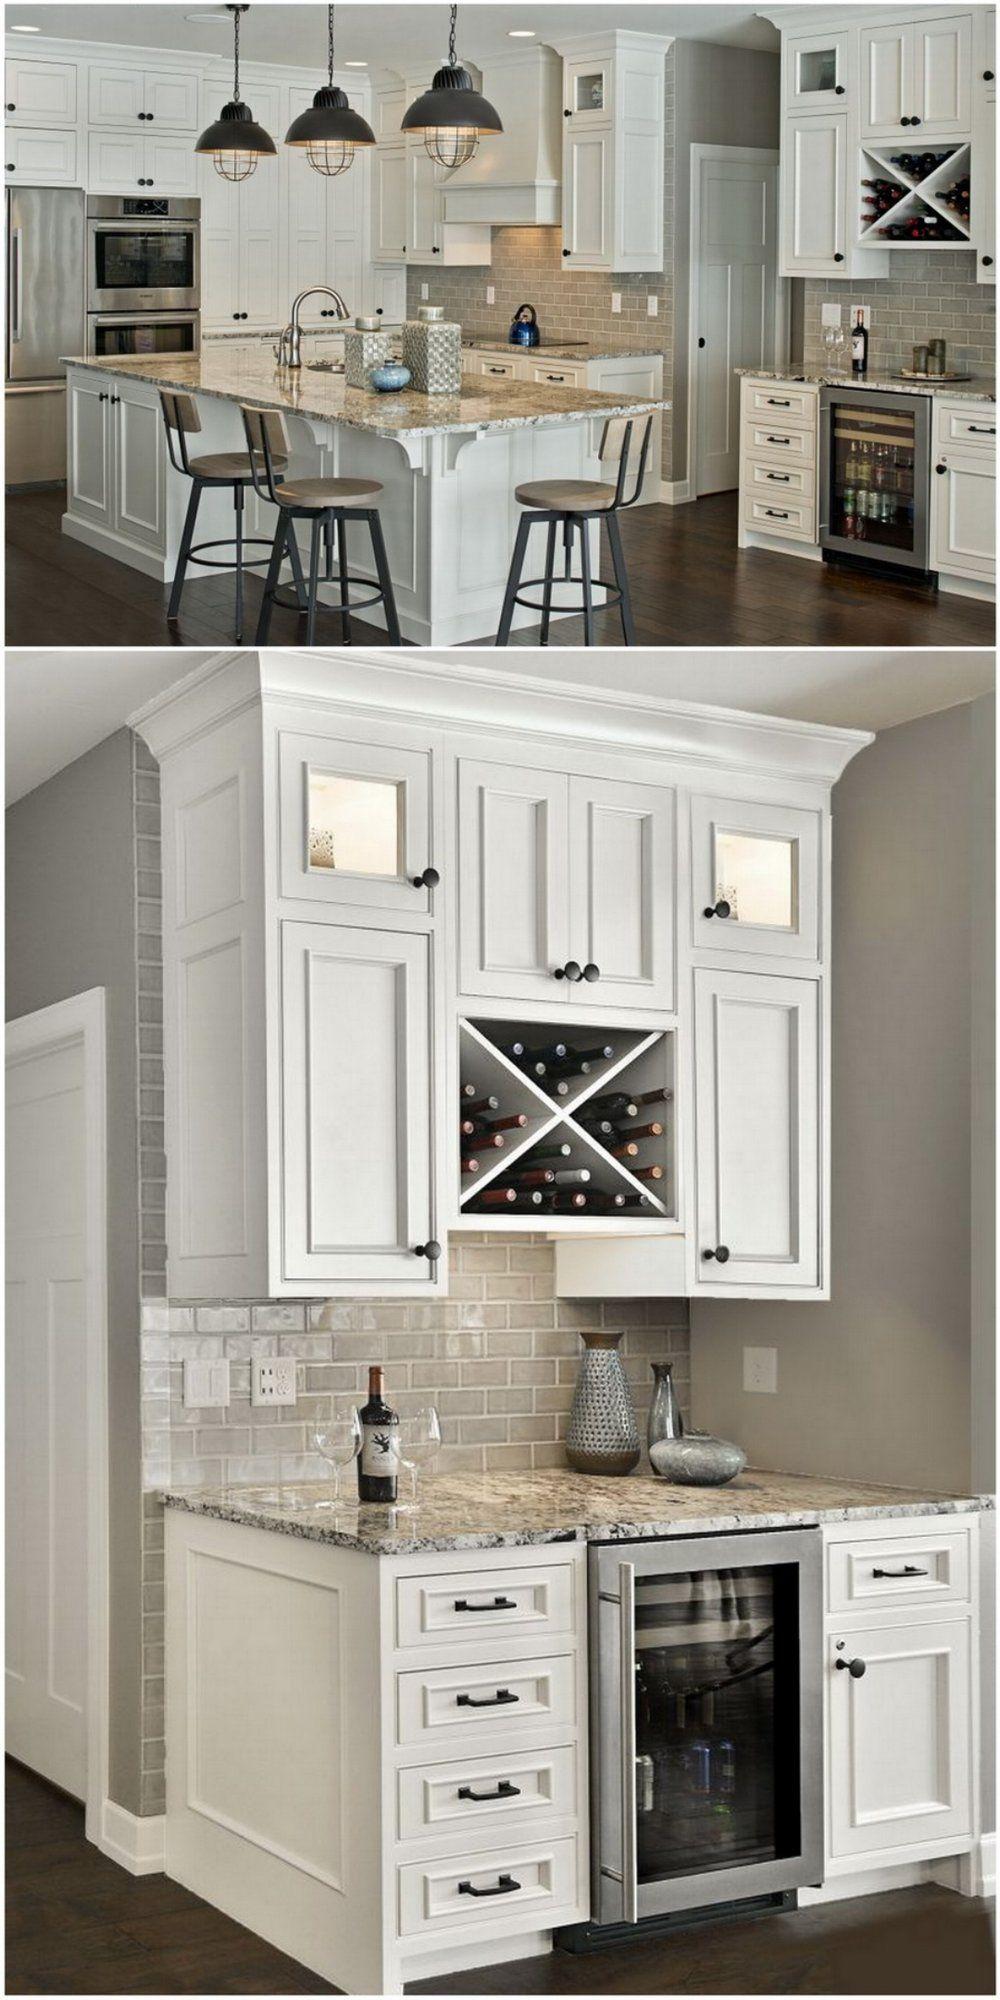 21 gorgeous + modern kitchen designs by dakota   kitchen must haves